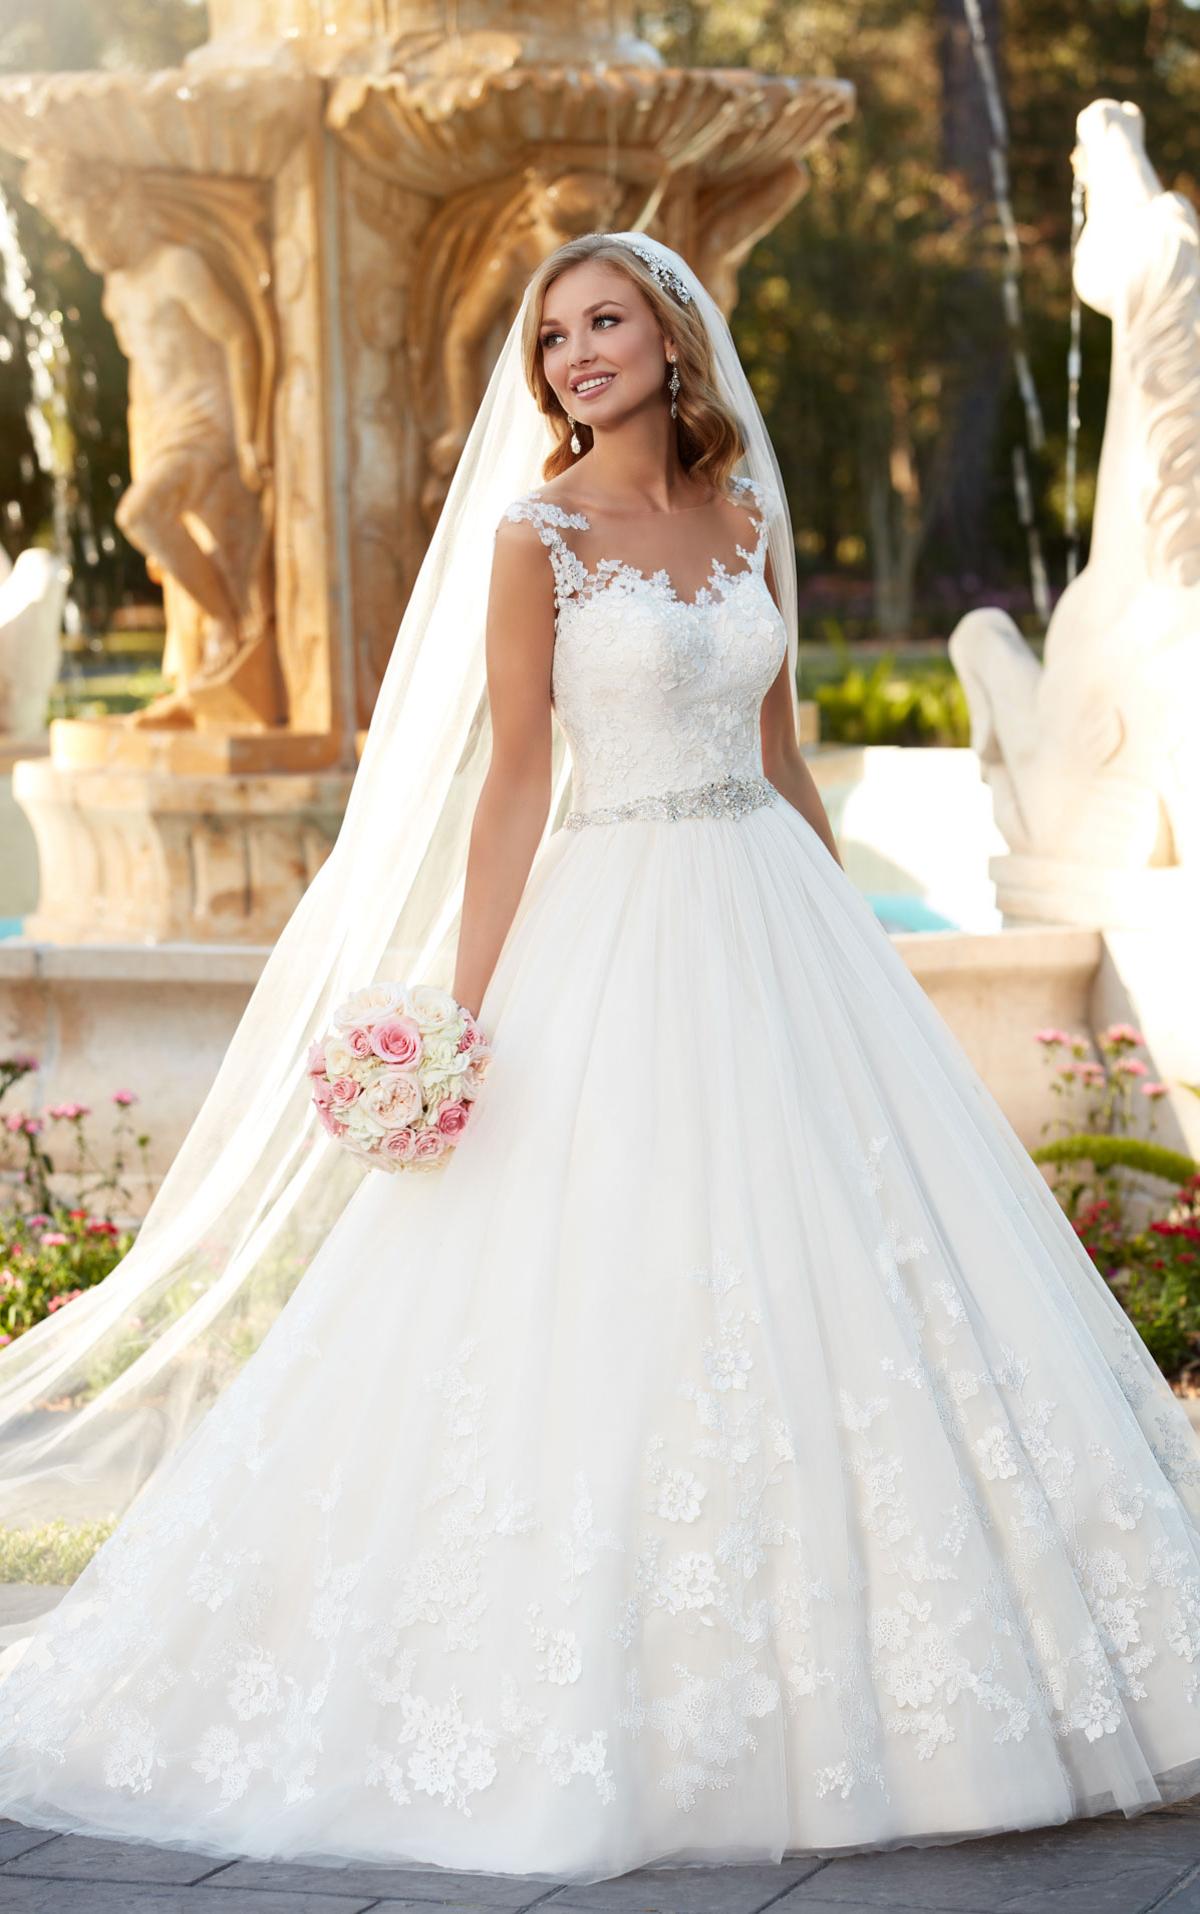 16 best ball gown wedding dresses ideas wedding ball gown dresses White ball gown wedding dresses